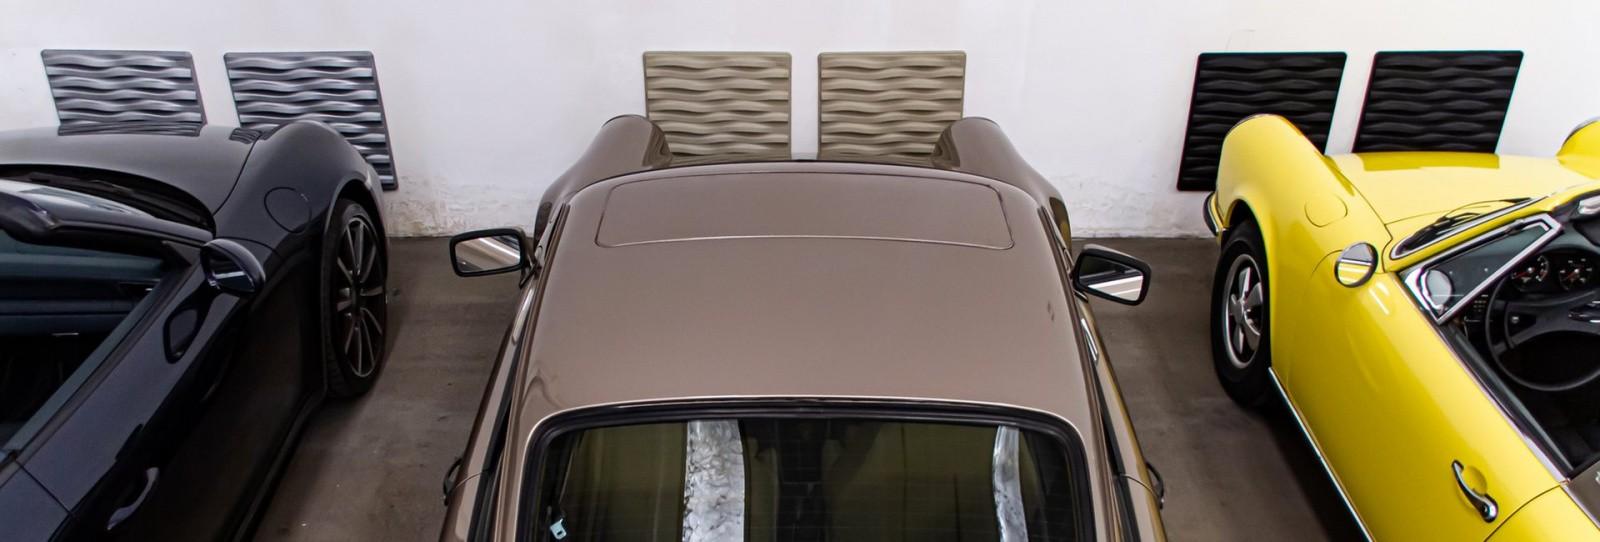 Car Door and Bumpers garage protector